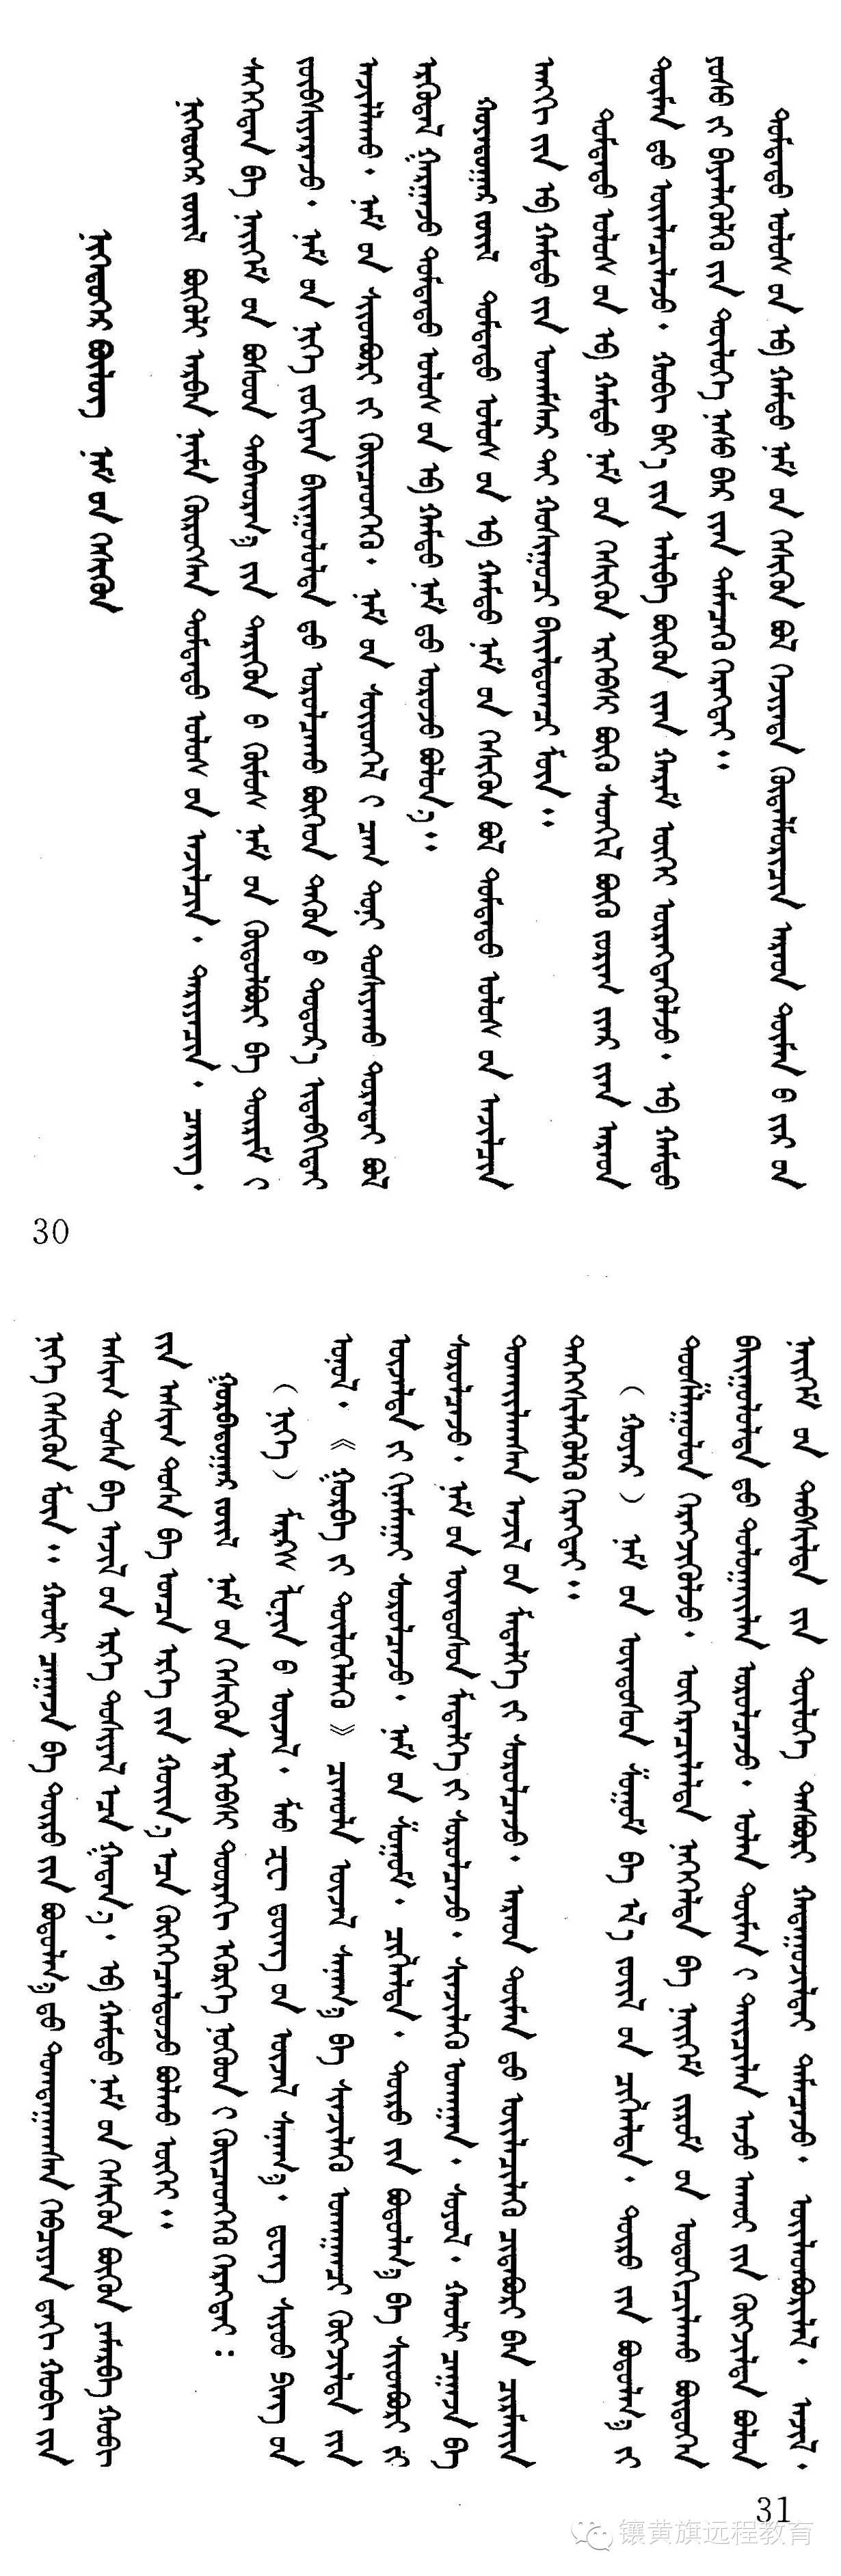 【两学一做材料】蒙文版《党章》 第1张 【两学一做材料】蒙文版《党章》 蒙古文库